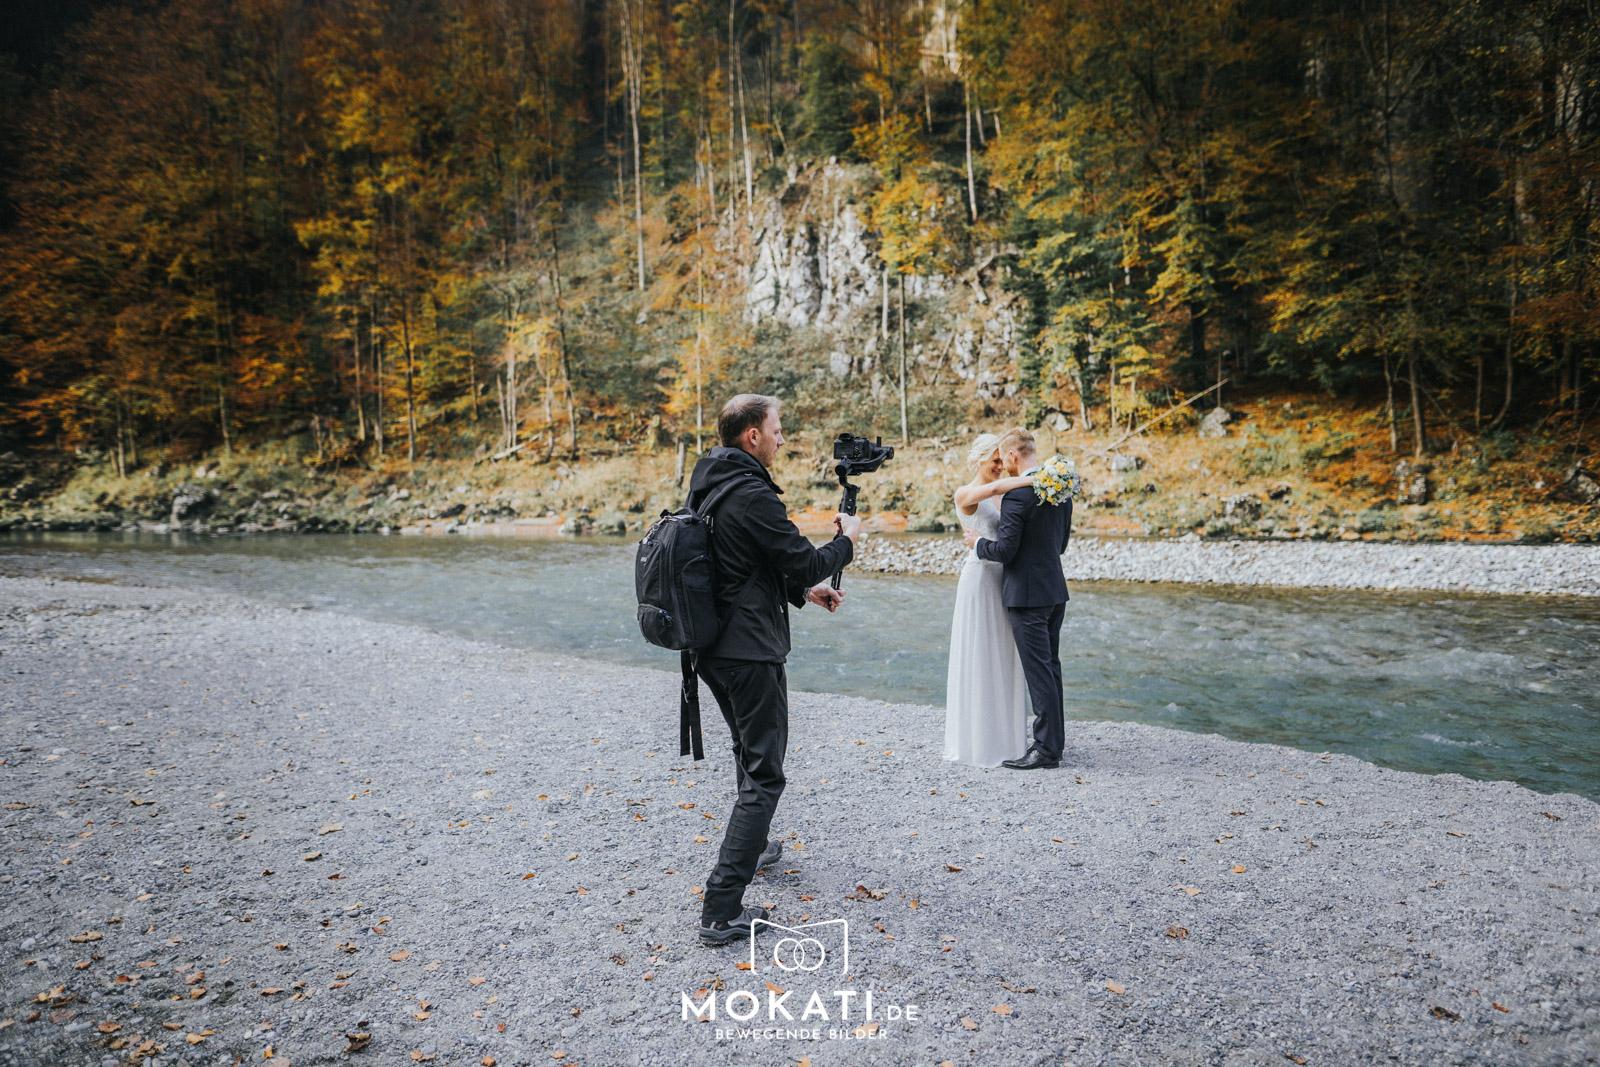 Hochzeitsvideograf Andy als Hochzeitvideograf bei der Hochzeit auf der Wuhrsteinalm